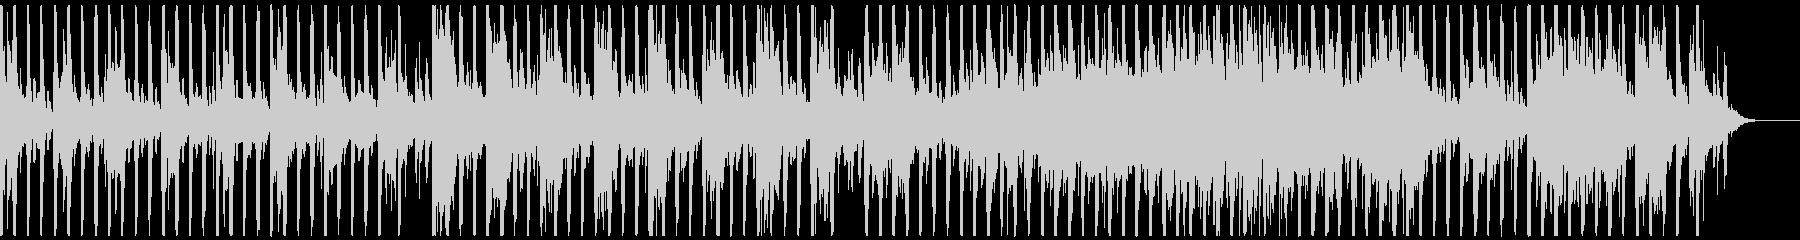 ゲーム、不規則ピアノメロディ、フルverの未再生の波形